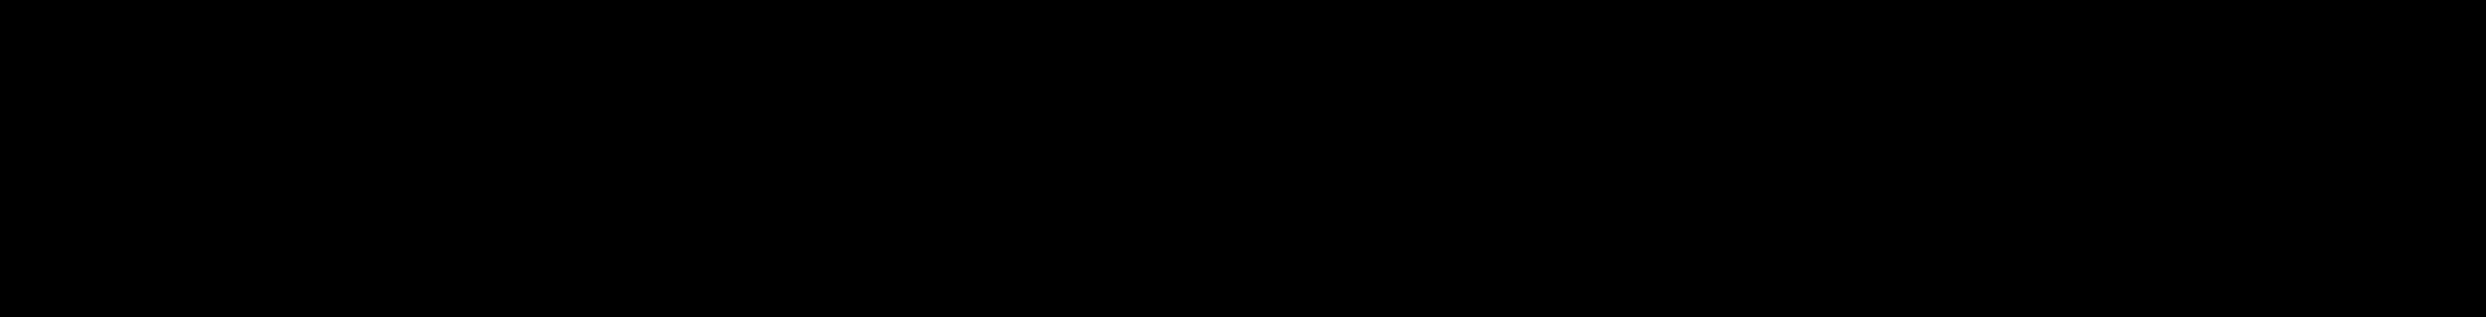 Loblaww Digital-logo